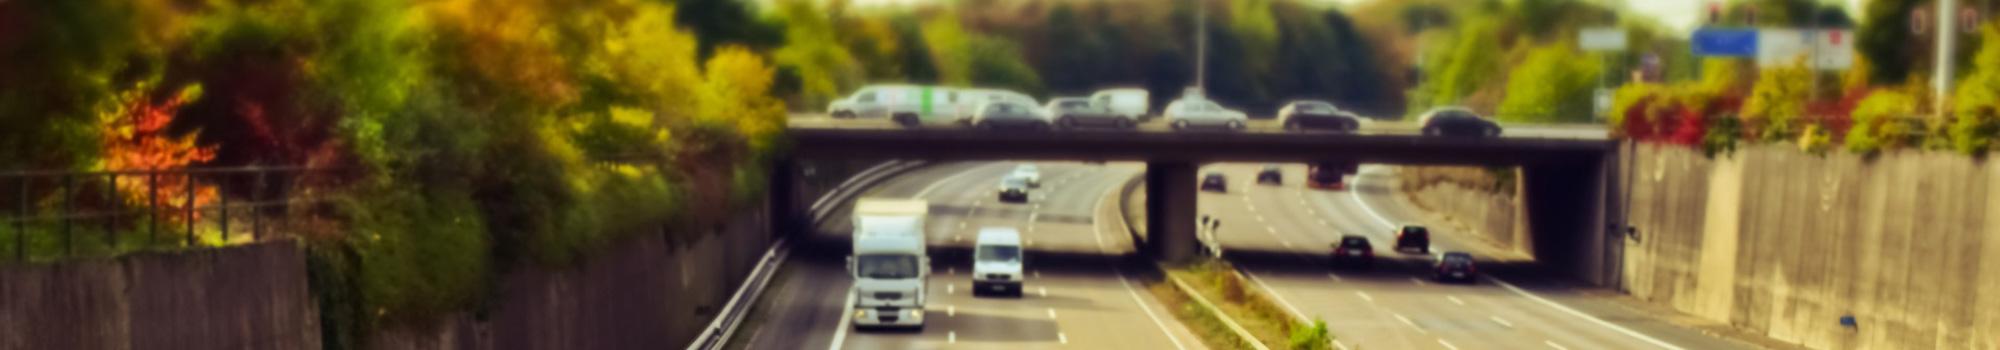 Highway view.